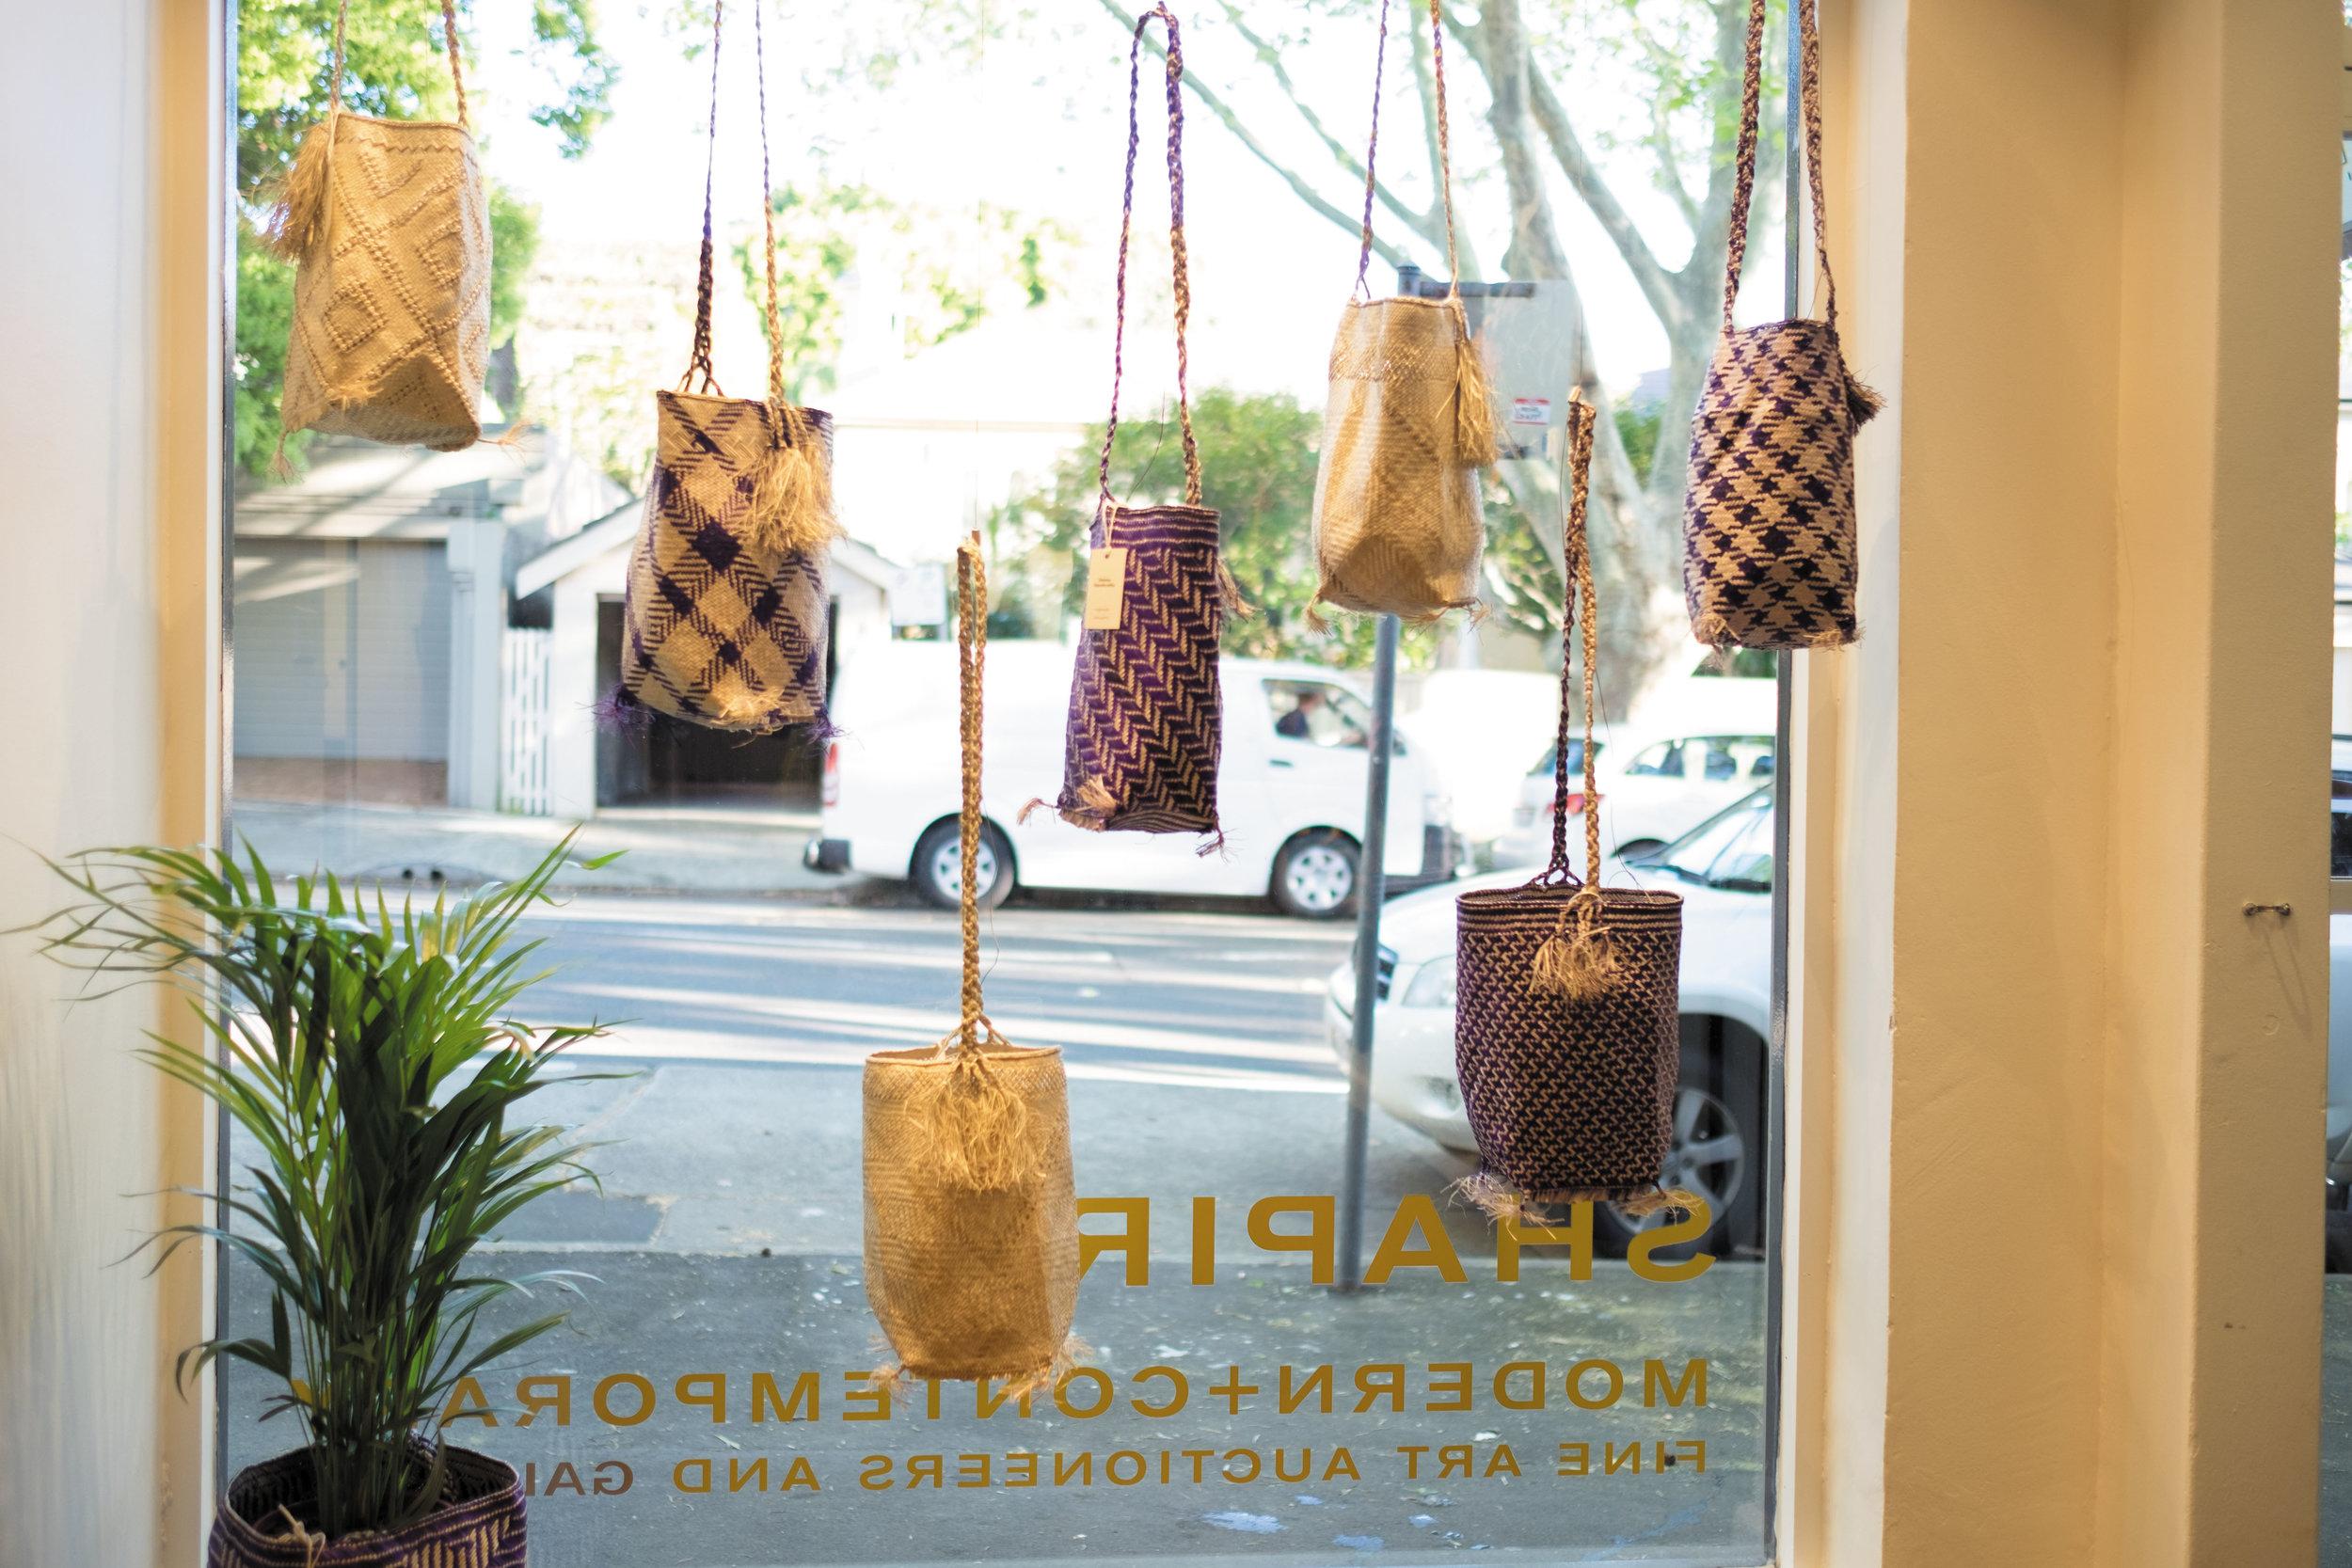 bags in window daylight from inside.jpg